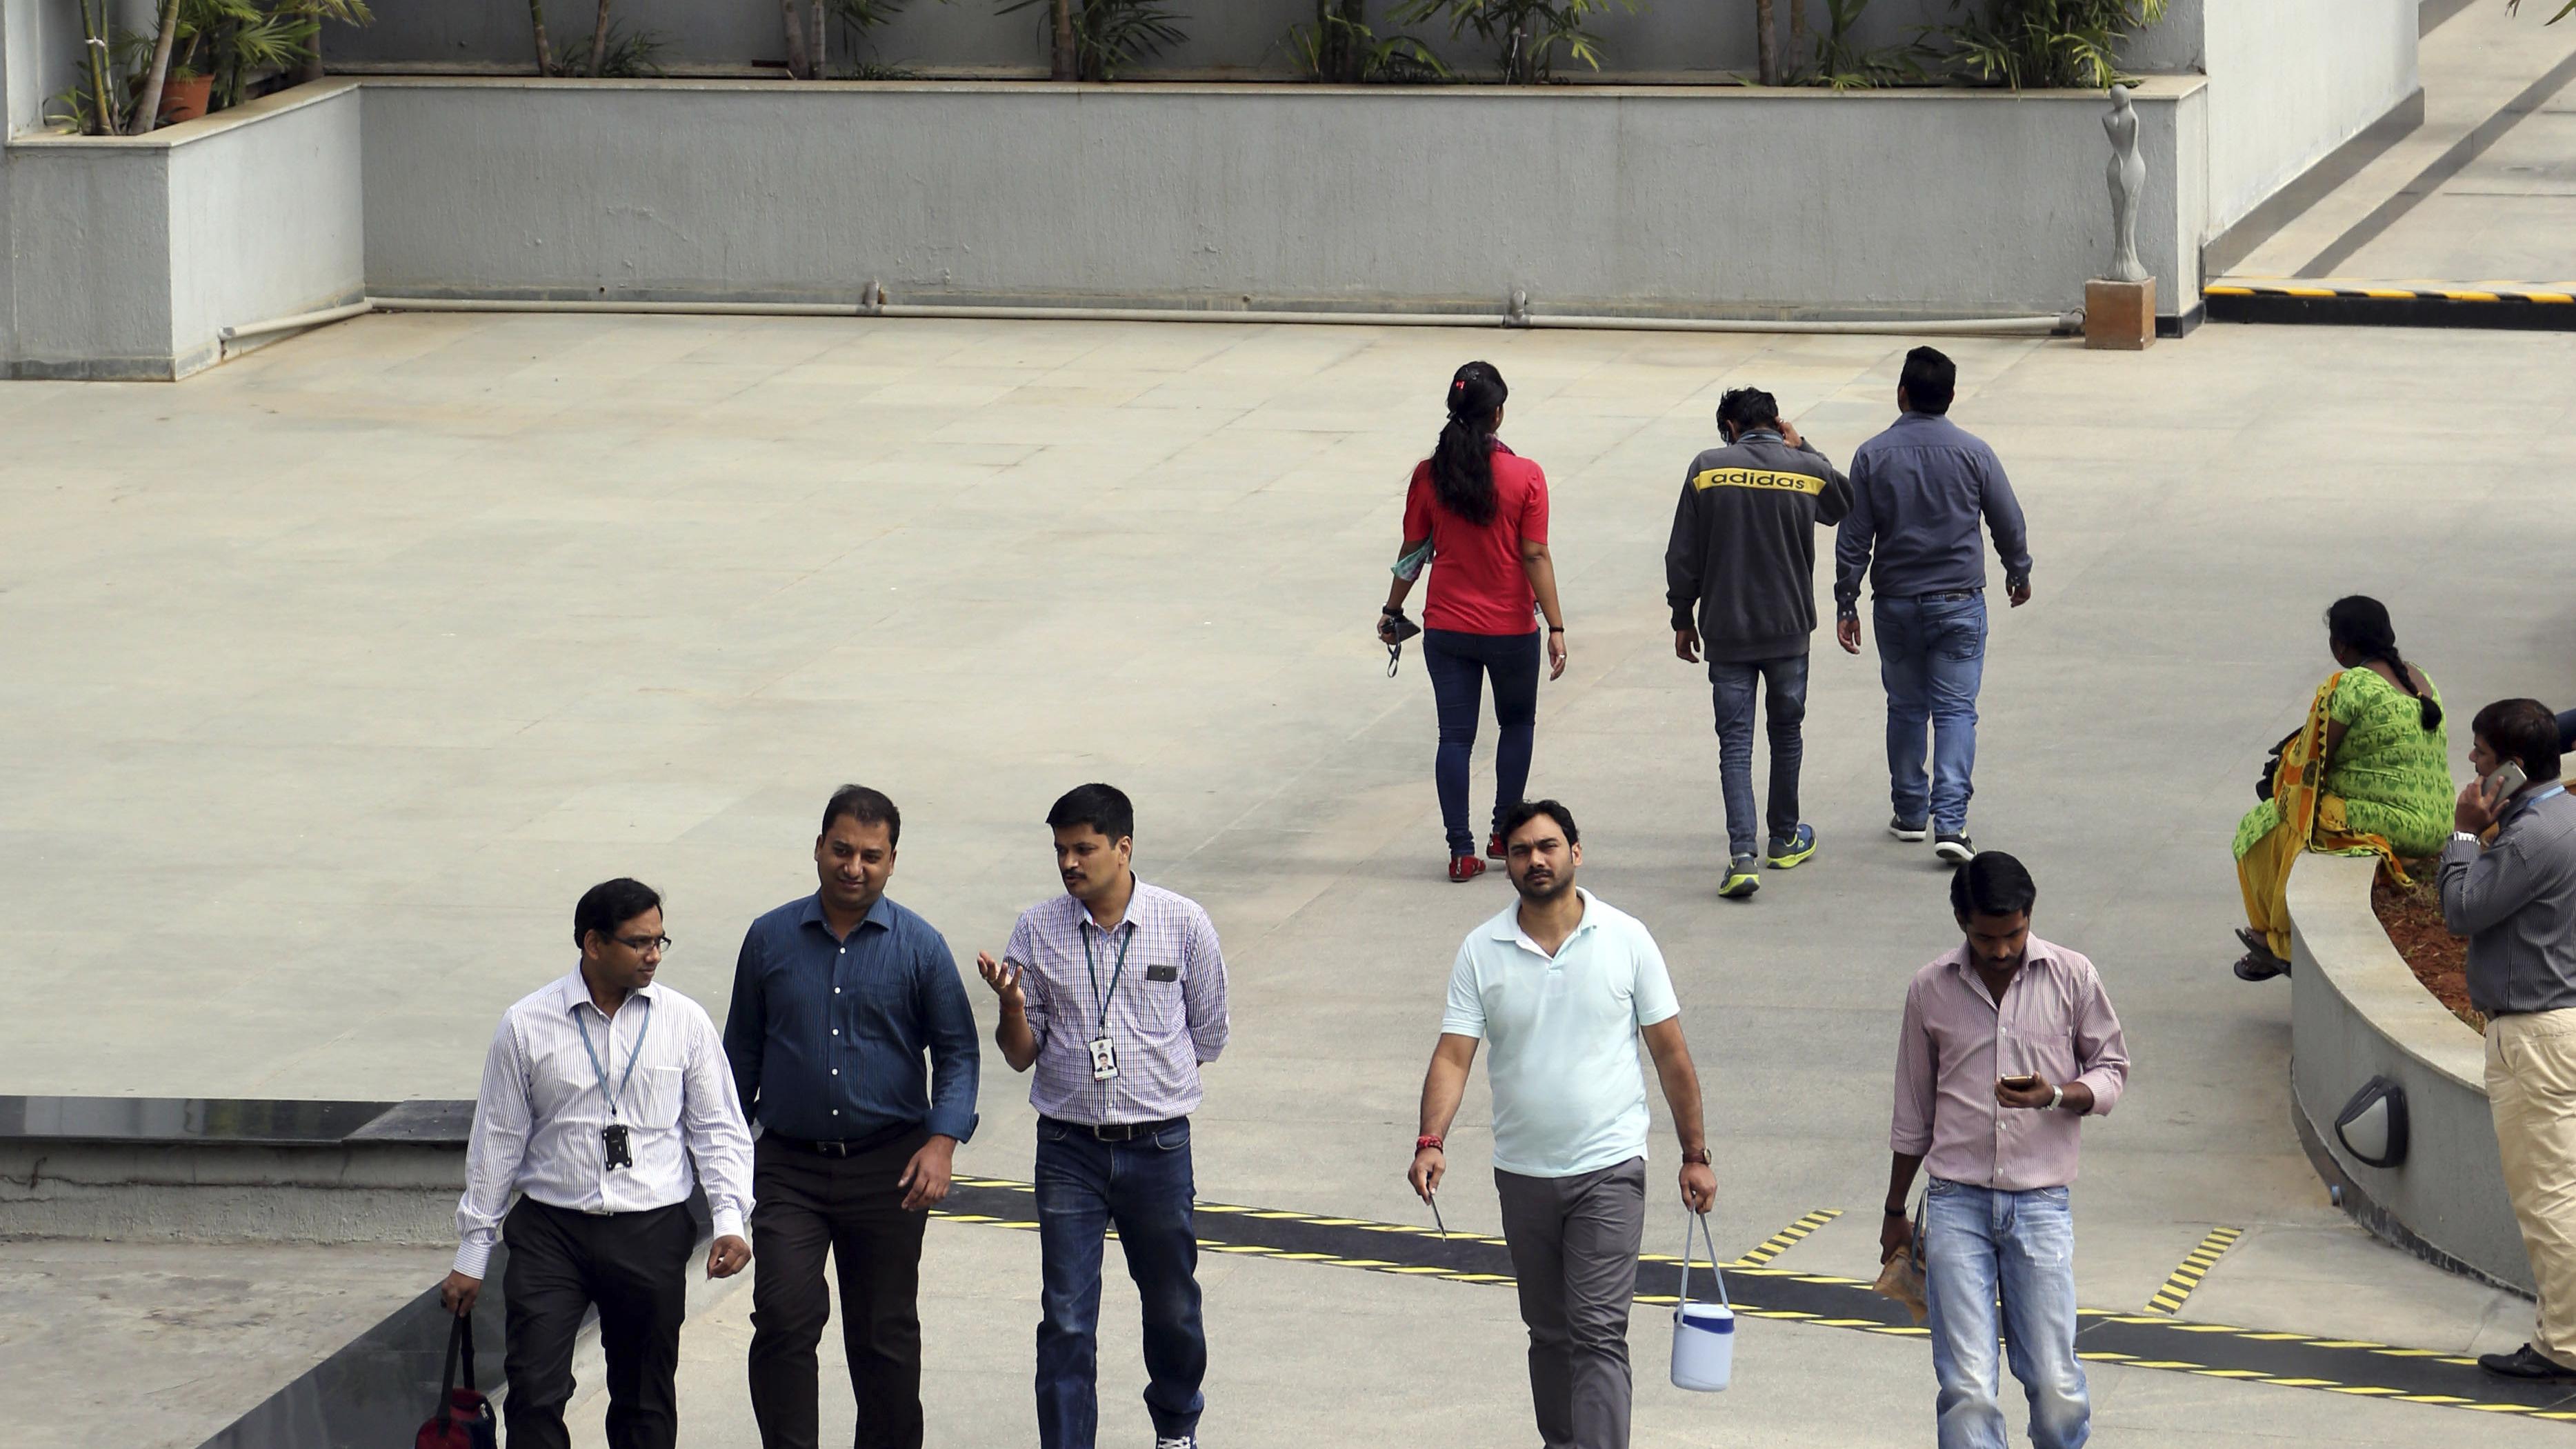 Wipro Ltd. employees walk inside the company